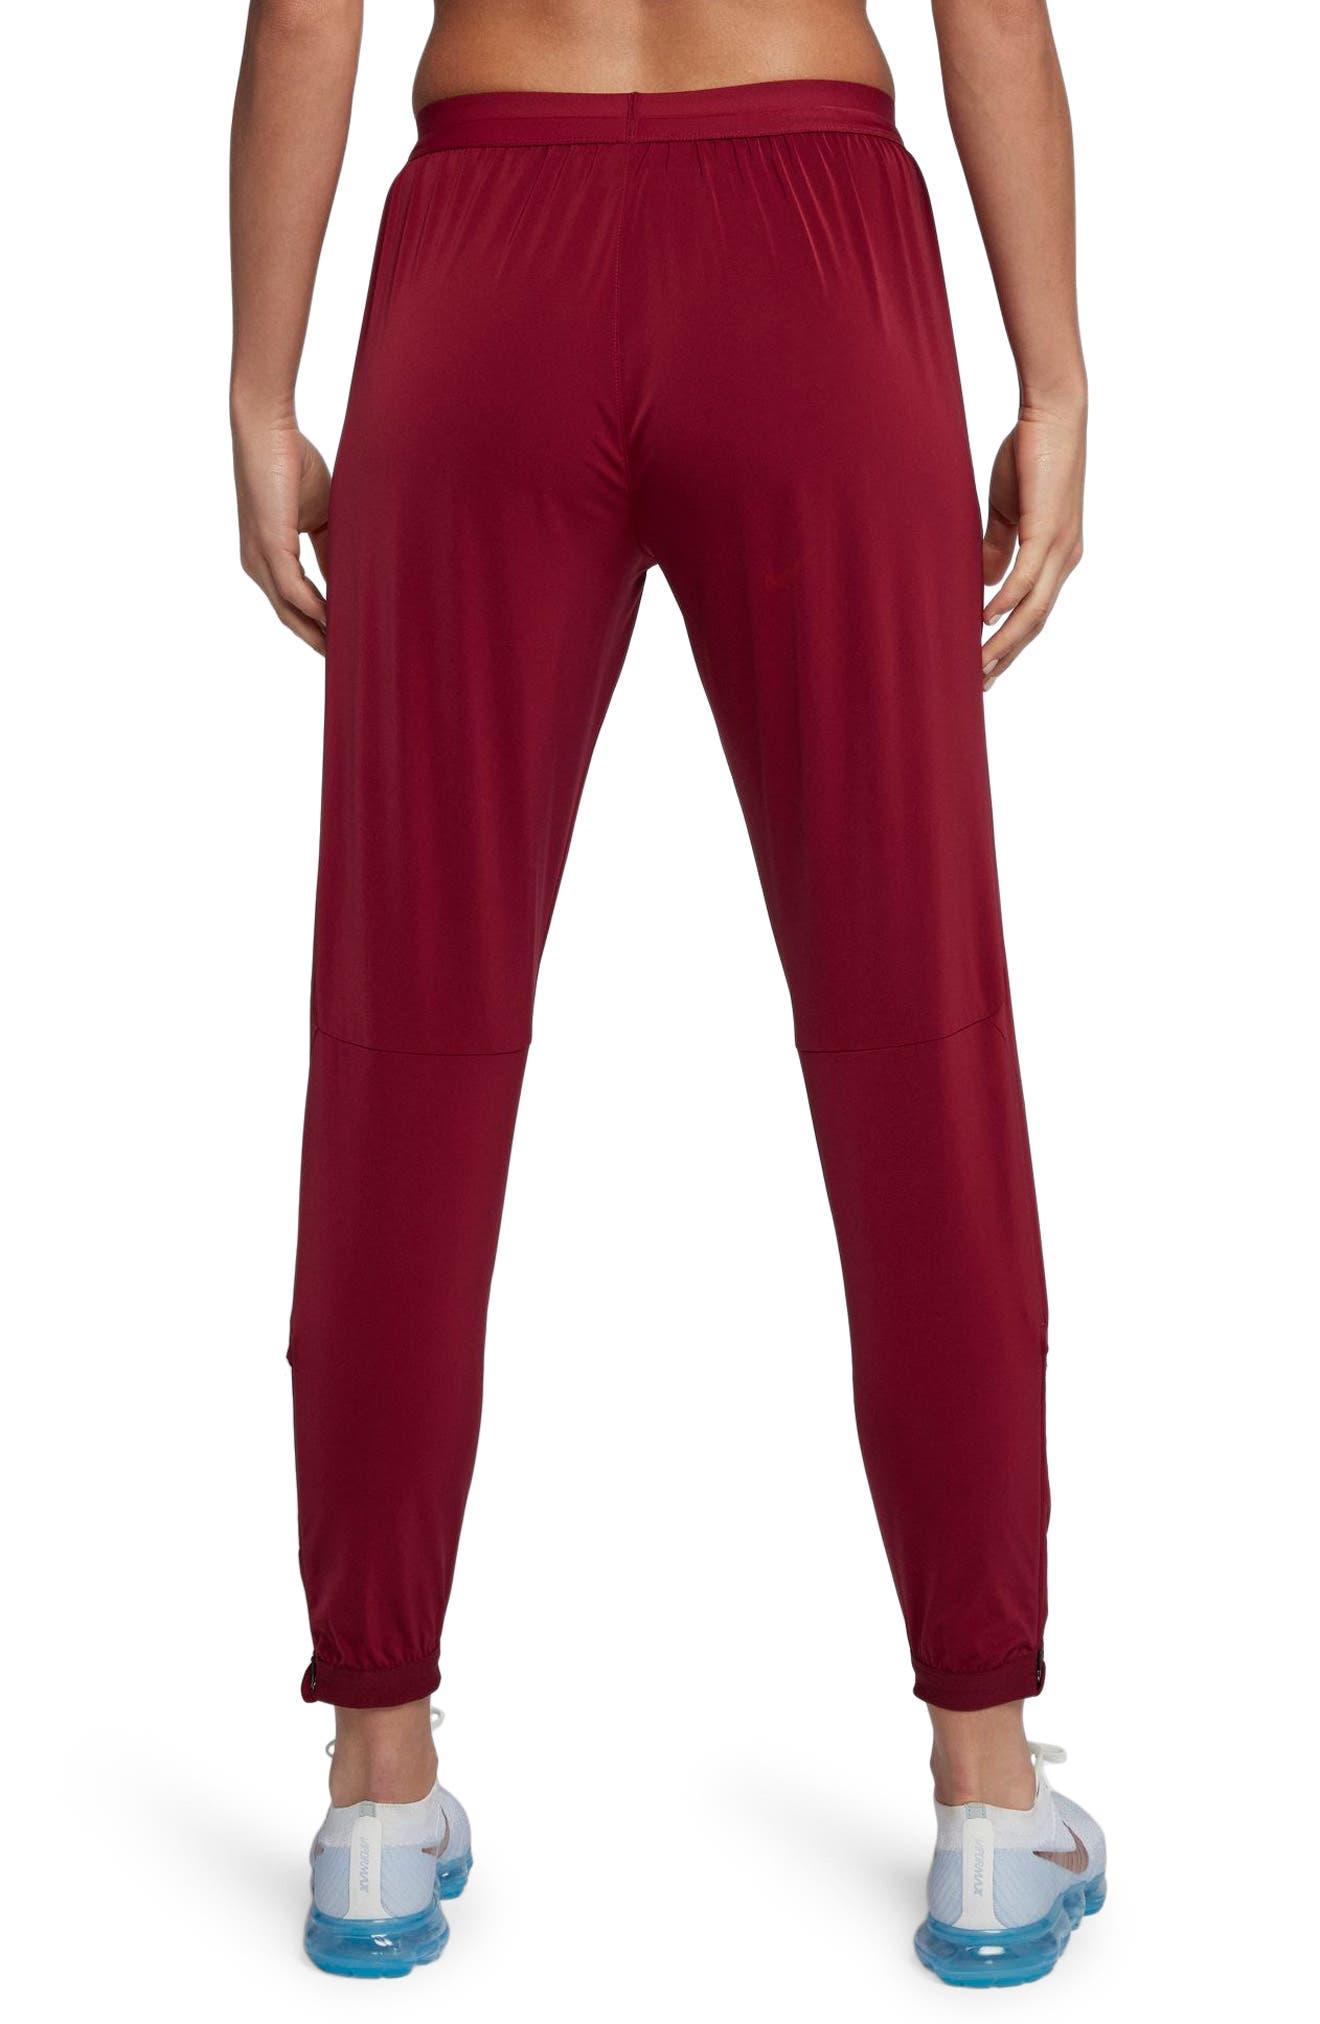 Women's Dry Running Stadium Pants,                             Alternate thumbnail 2, color,                             600